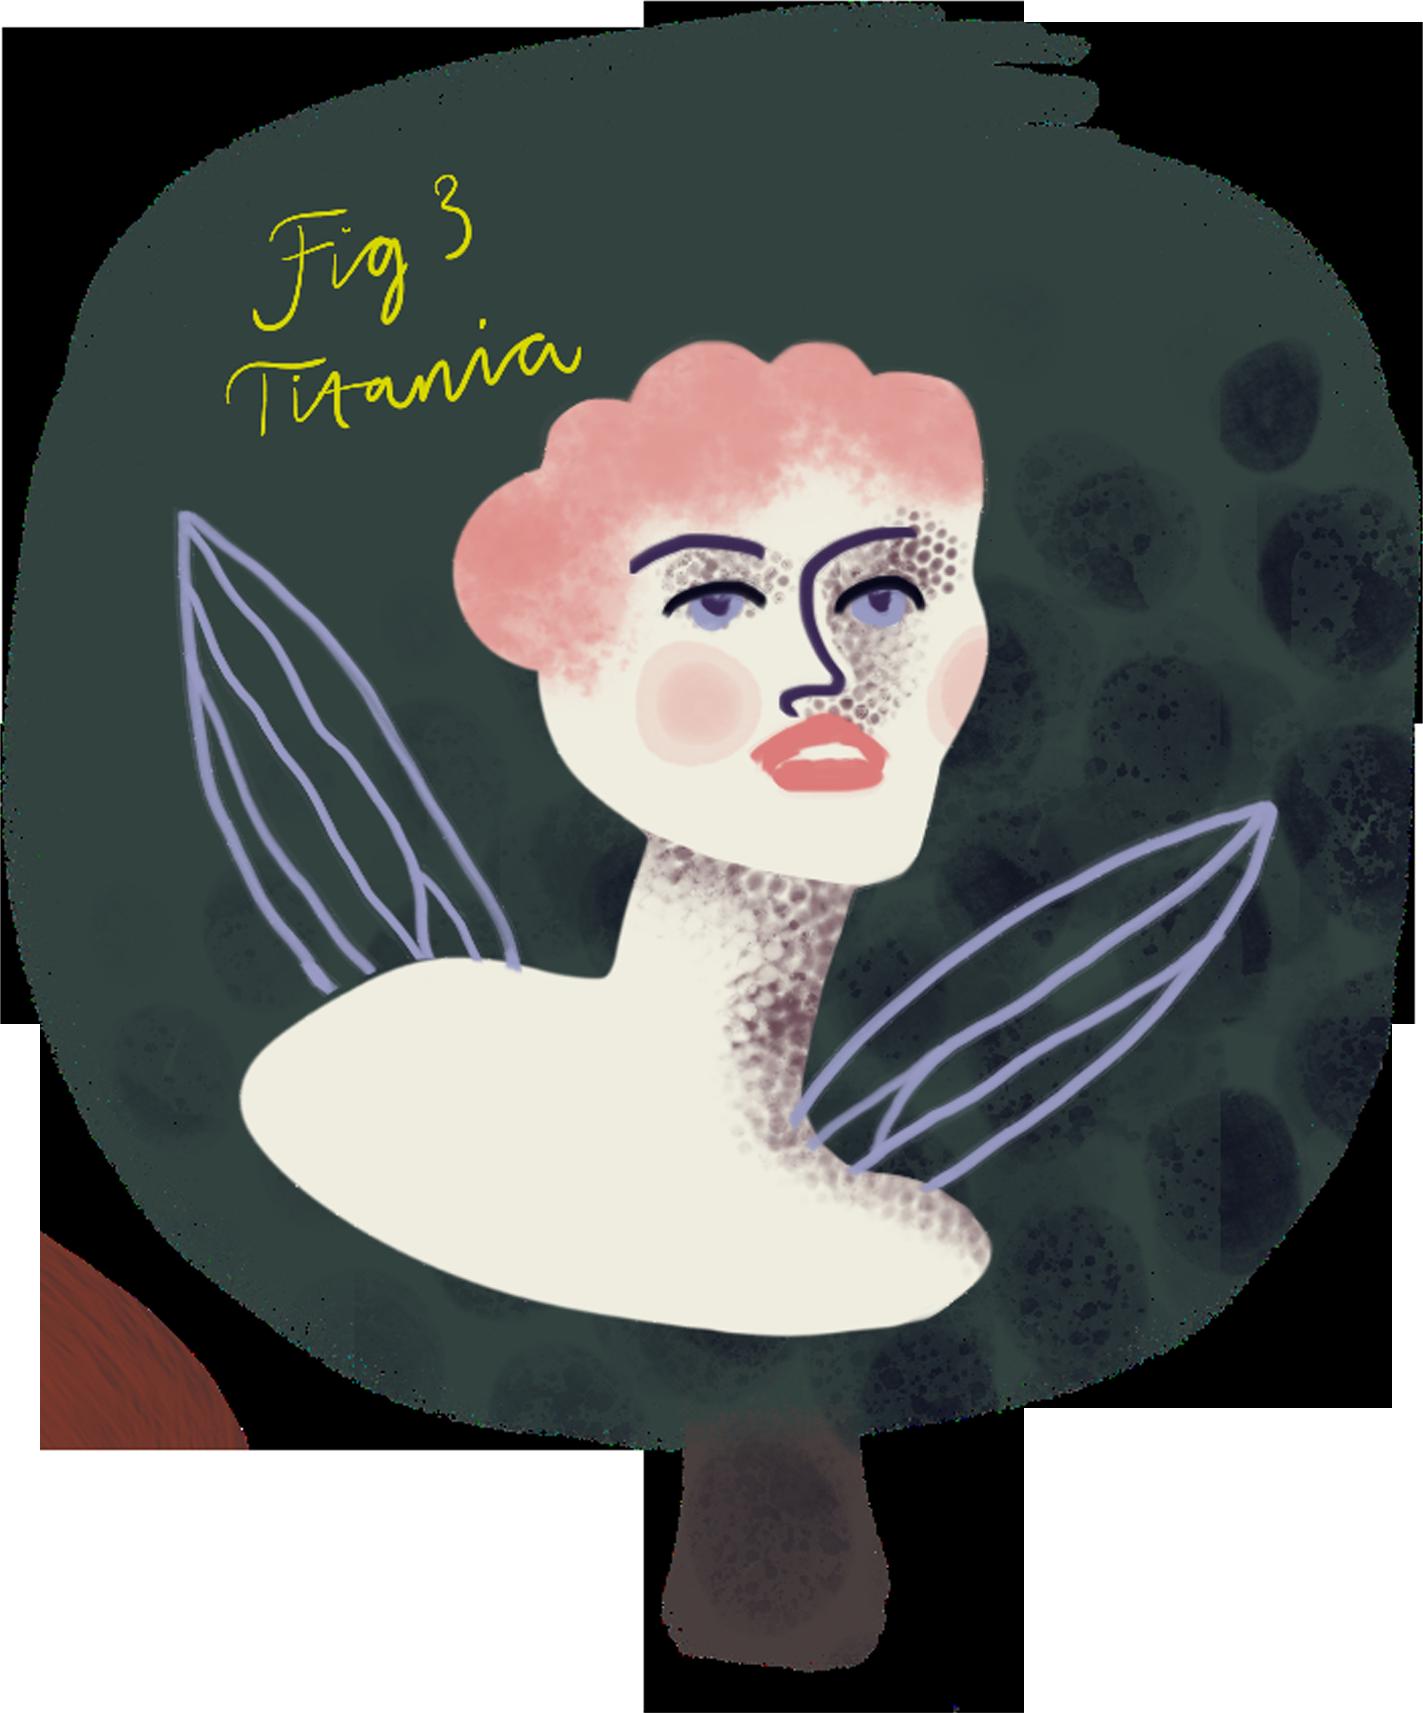 Titania. By Kate England.